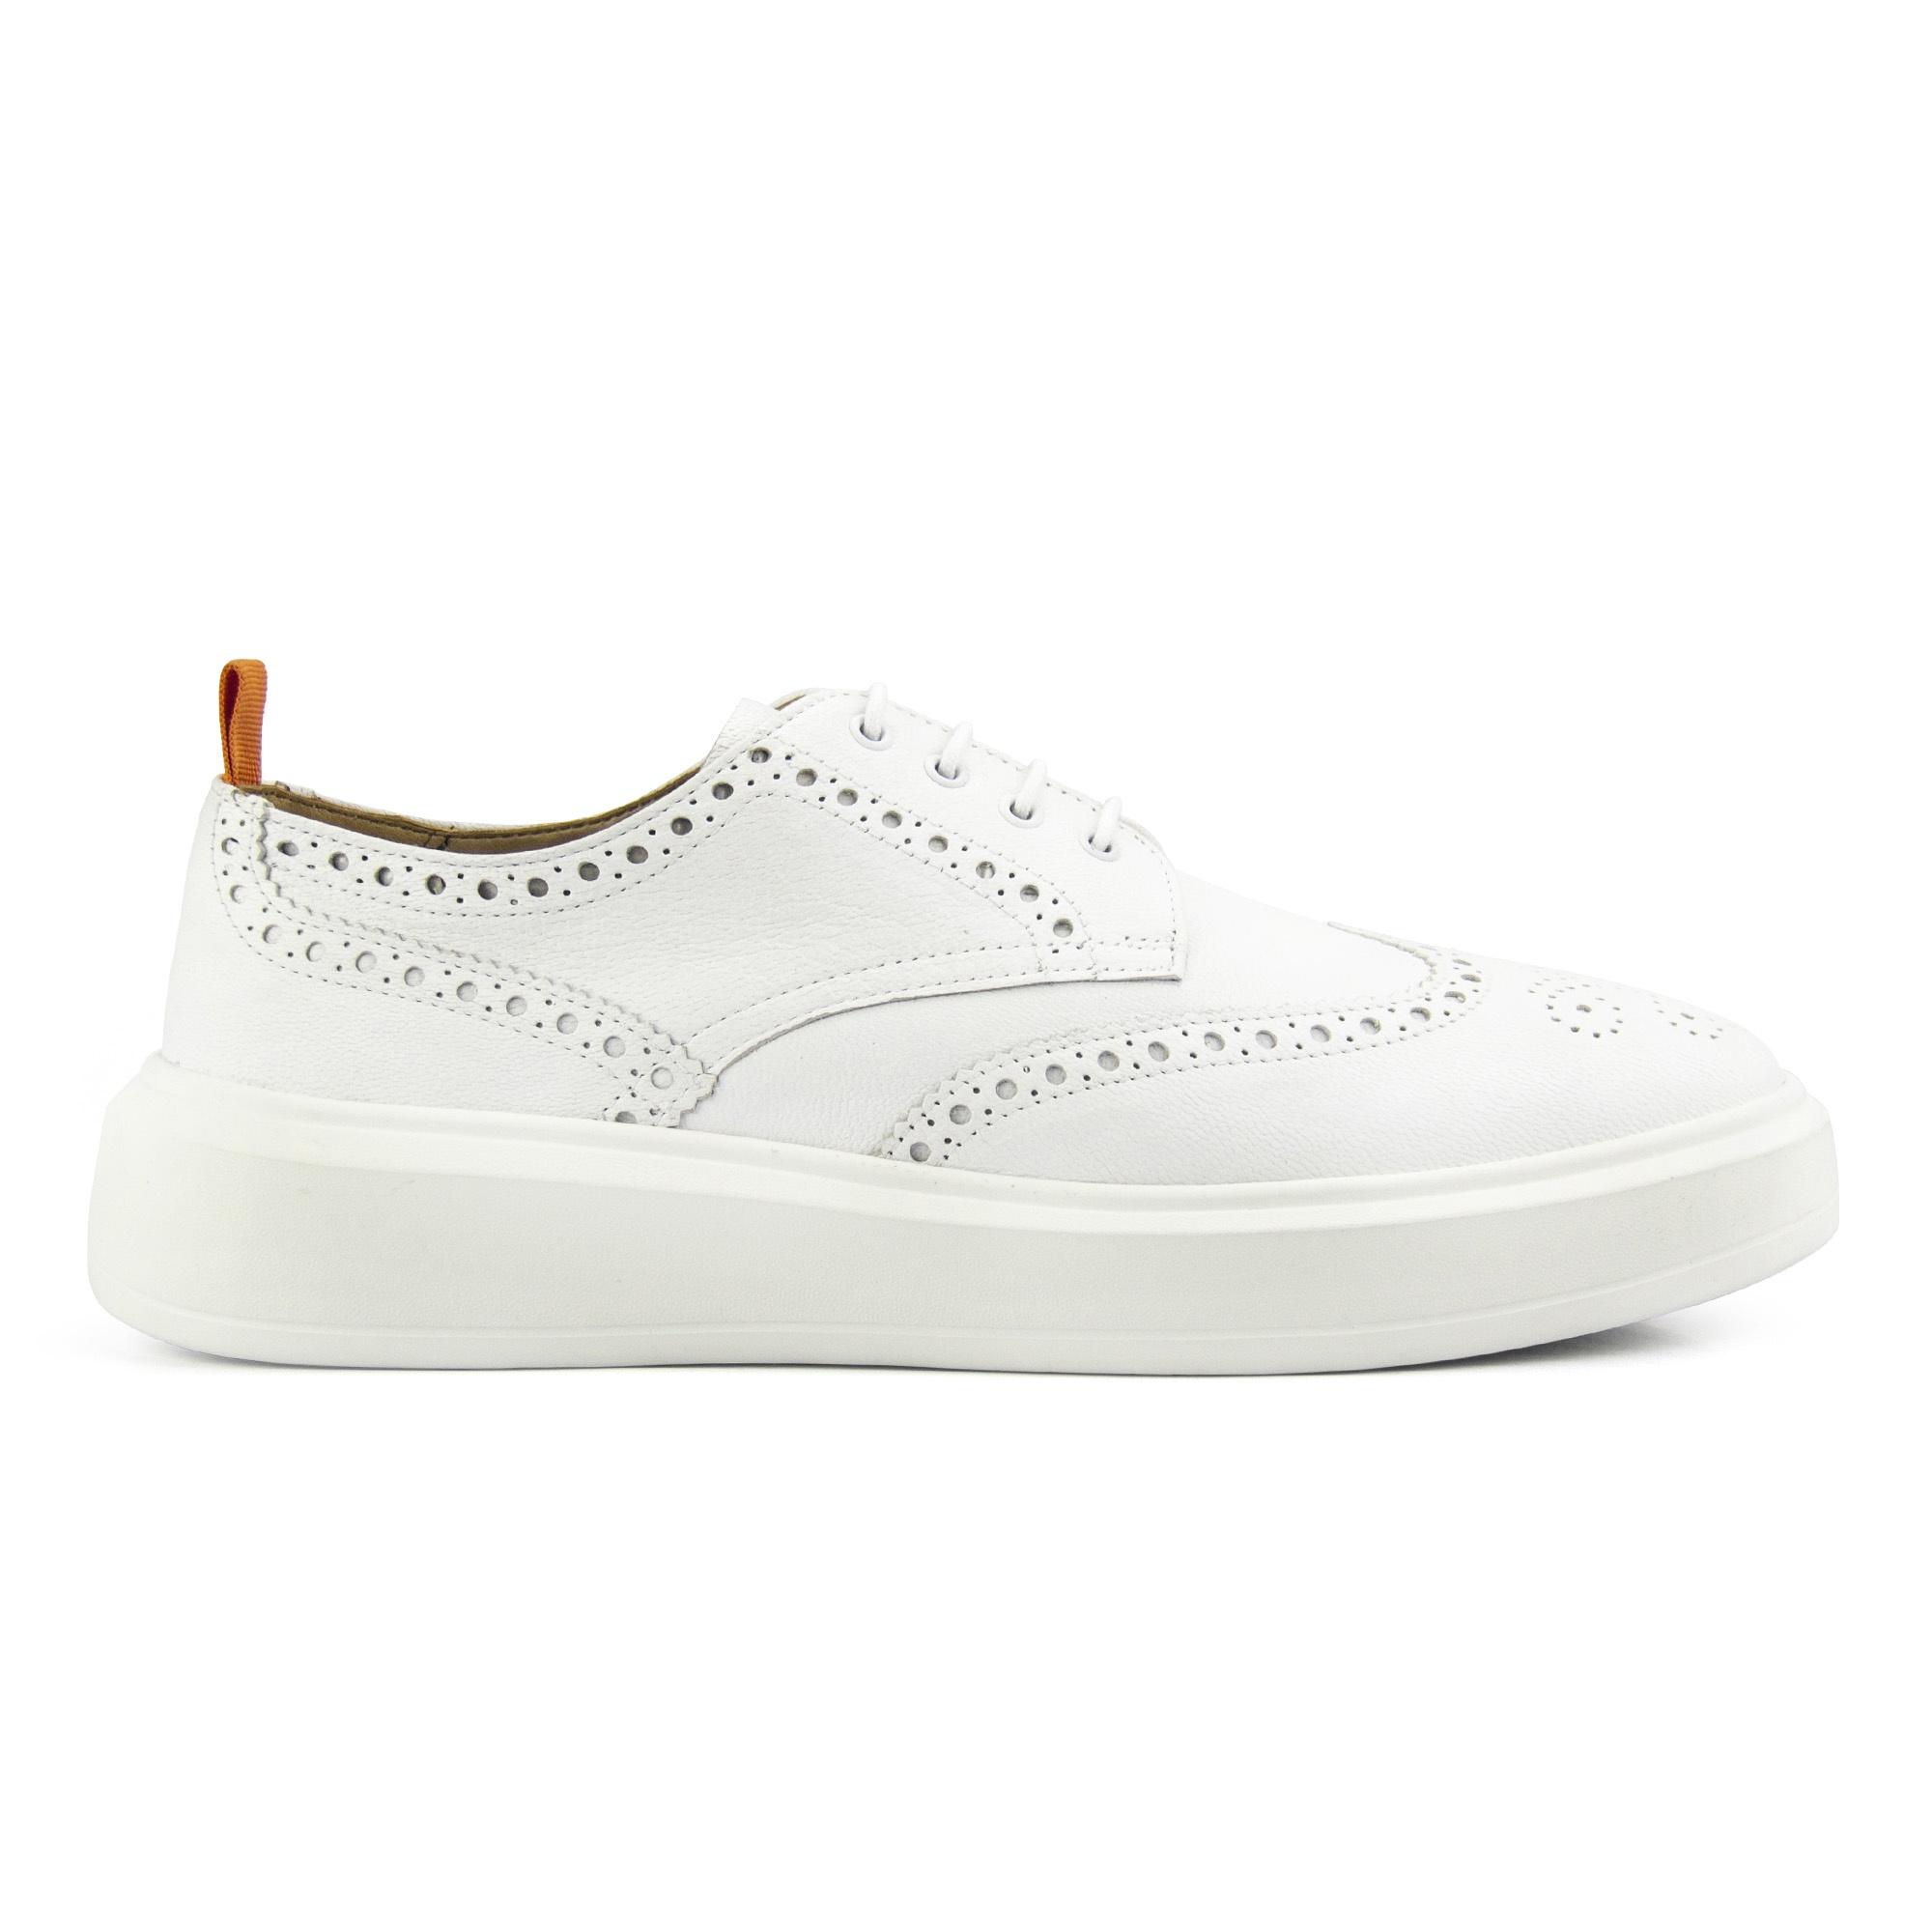 Sneaker Branco Masculino